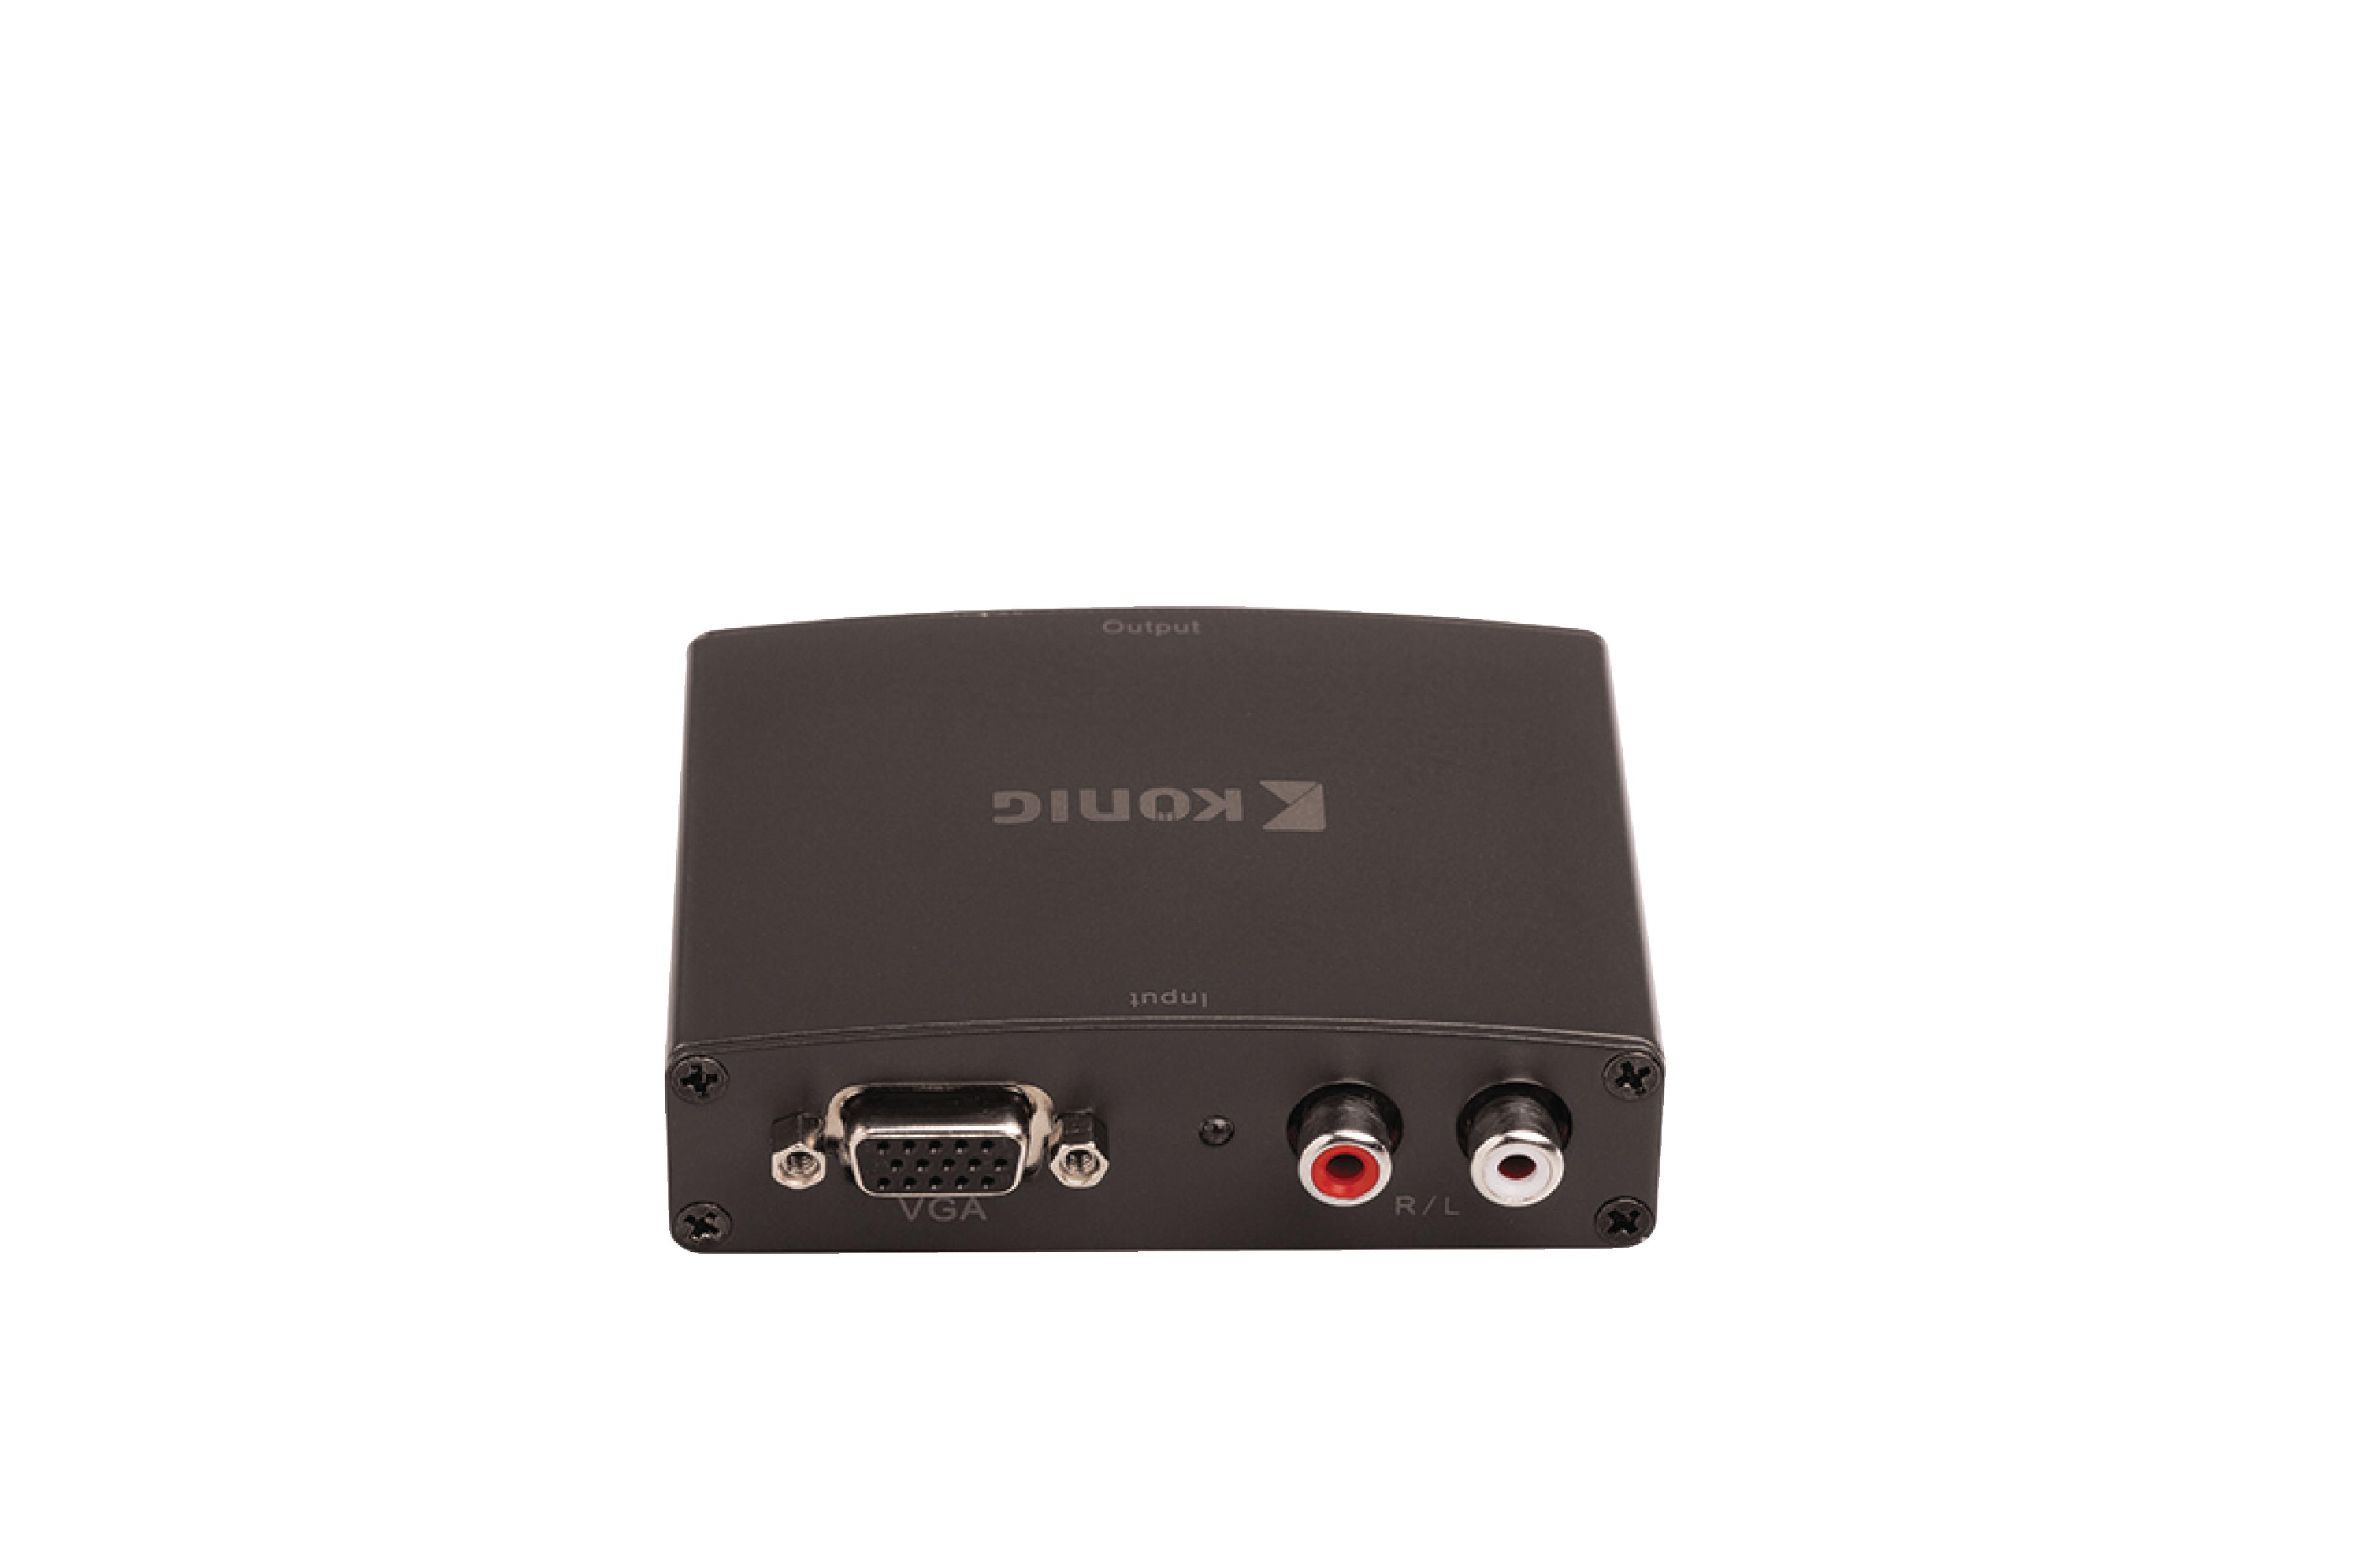 Převodník VGA + 2x RCA na HDMI, Full HD 1920x1080 König KNVCO3410